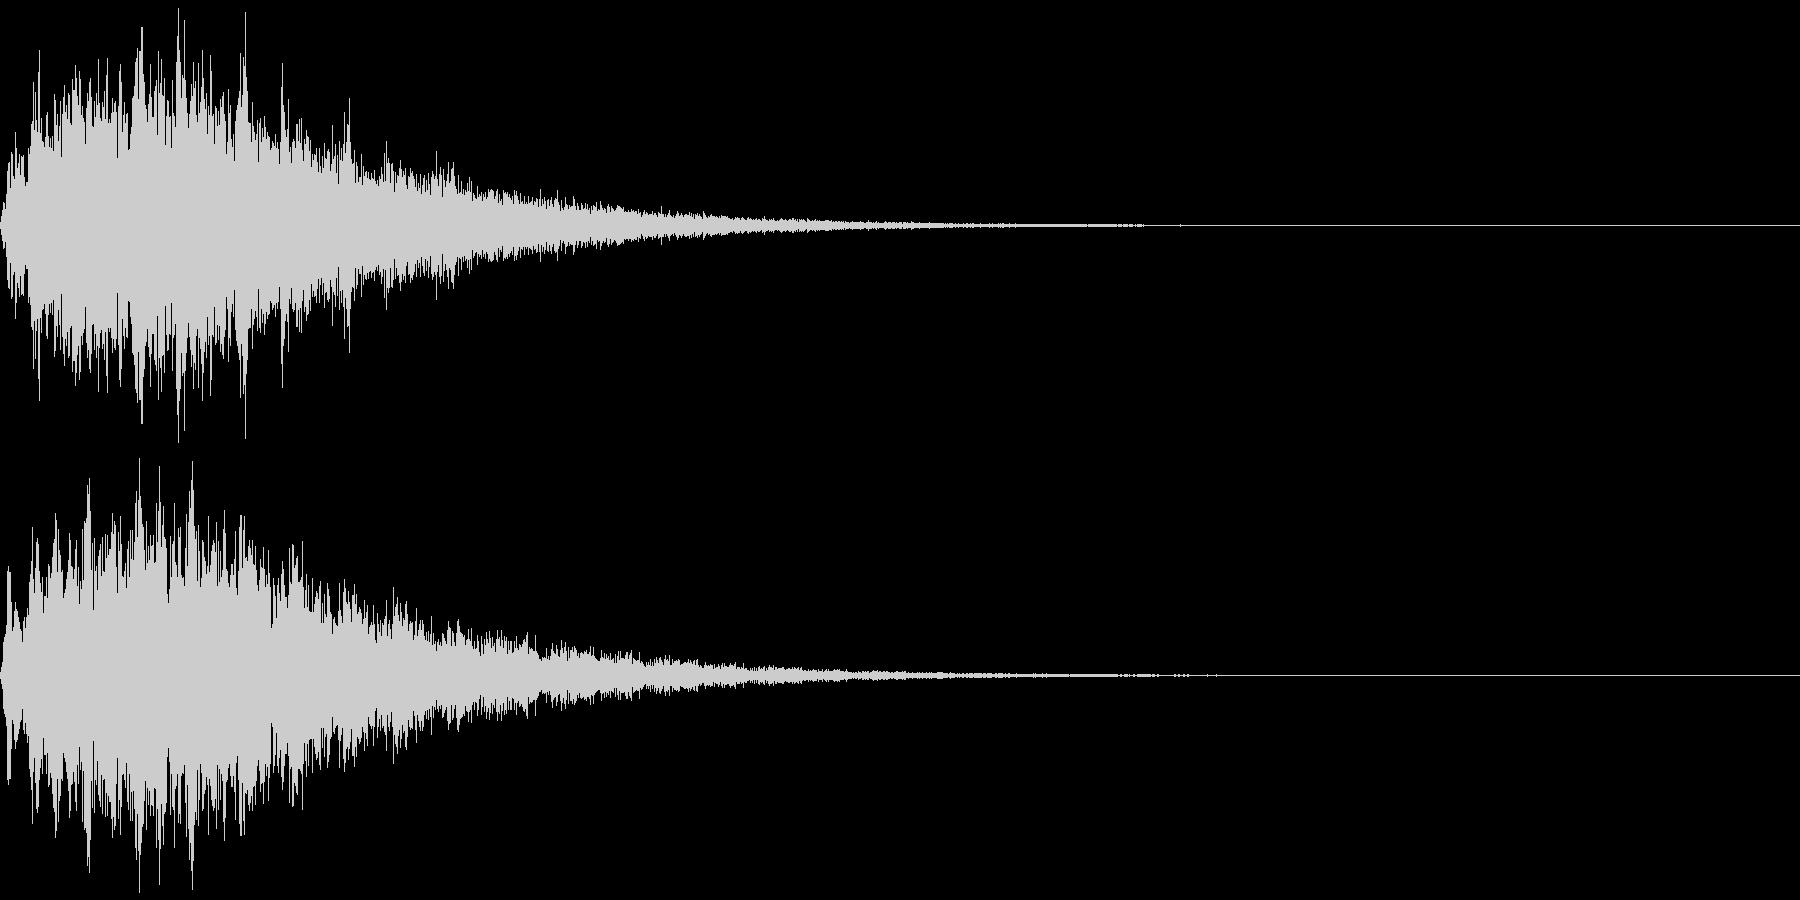 キラーン  (煌びやか)の未再生の波形